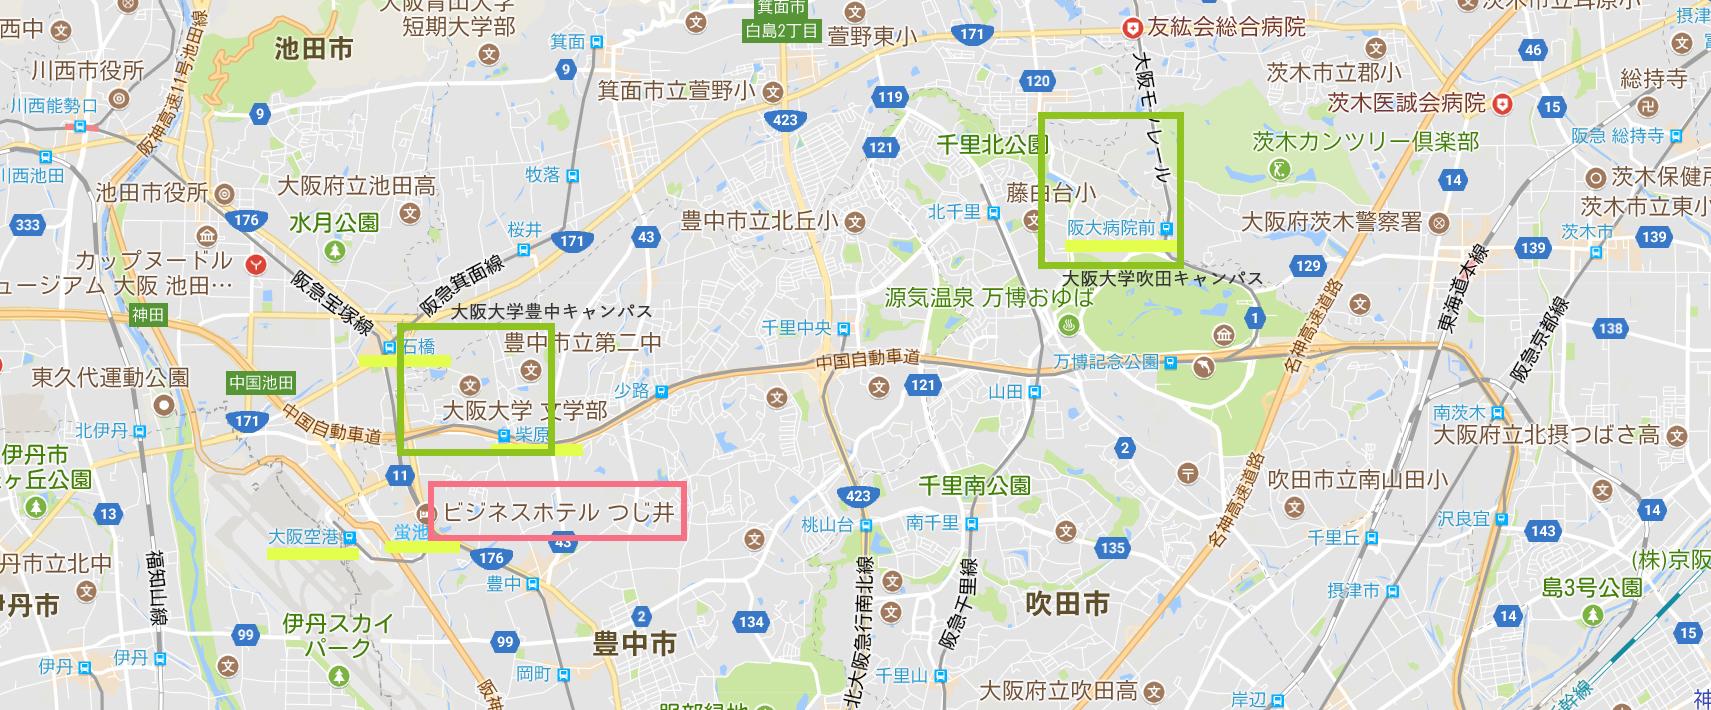 阪大2キャンパスへのアクセス